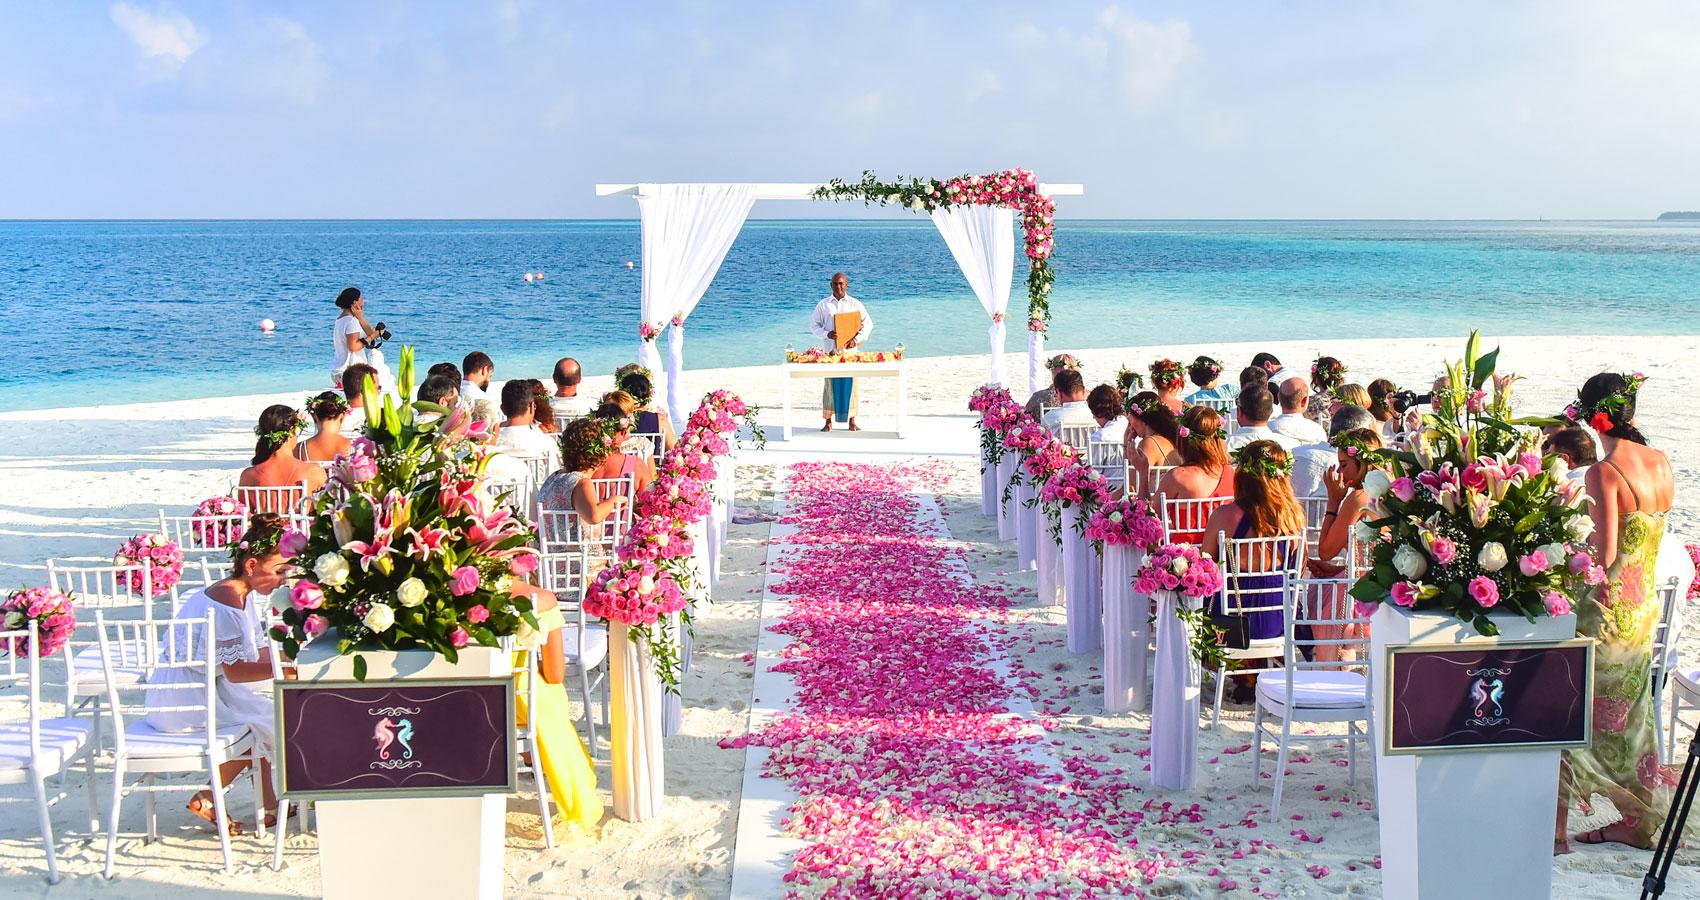 THE Wedding, a haiku written by Rich at Spillwords.com